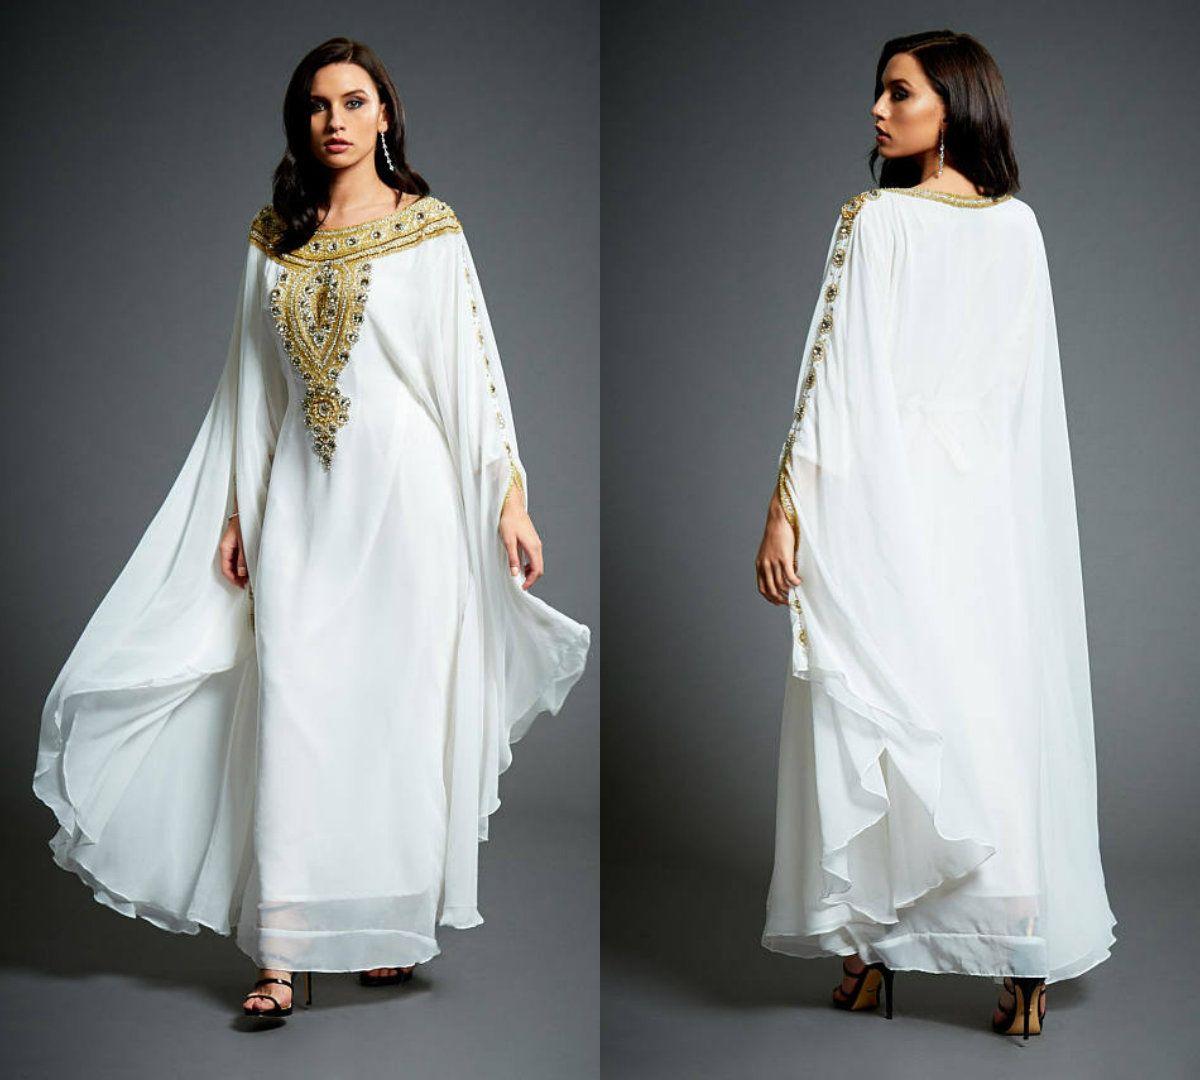 eaf44a19946 Acheter 2018 Amira Abaya Caftan Robes De Soirée Blanc En Mousseline De Soie  À Manches Longues Or Perles Cristaux Plus La Taille Mère De La Robe De  Mariée ...